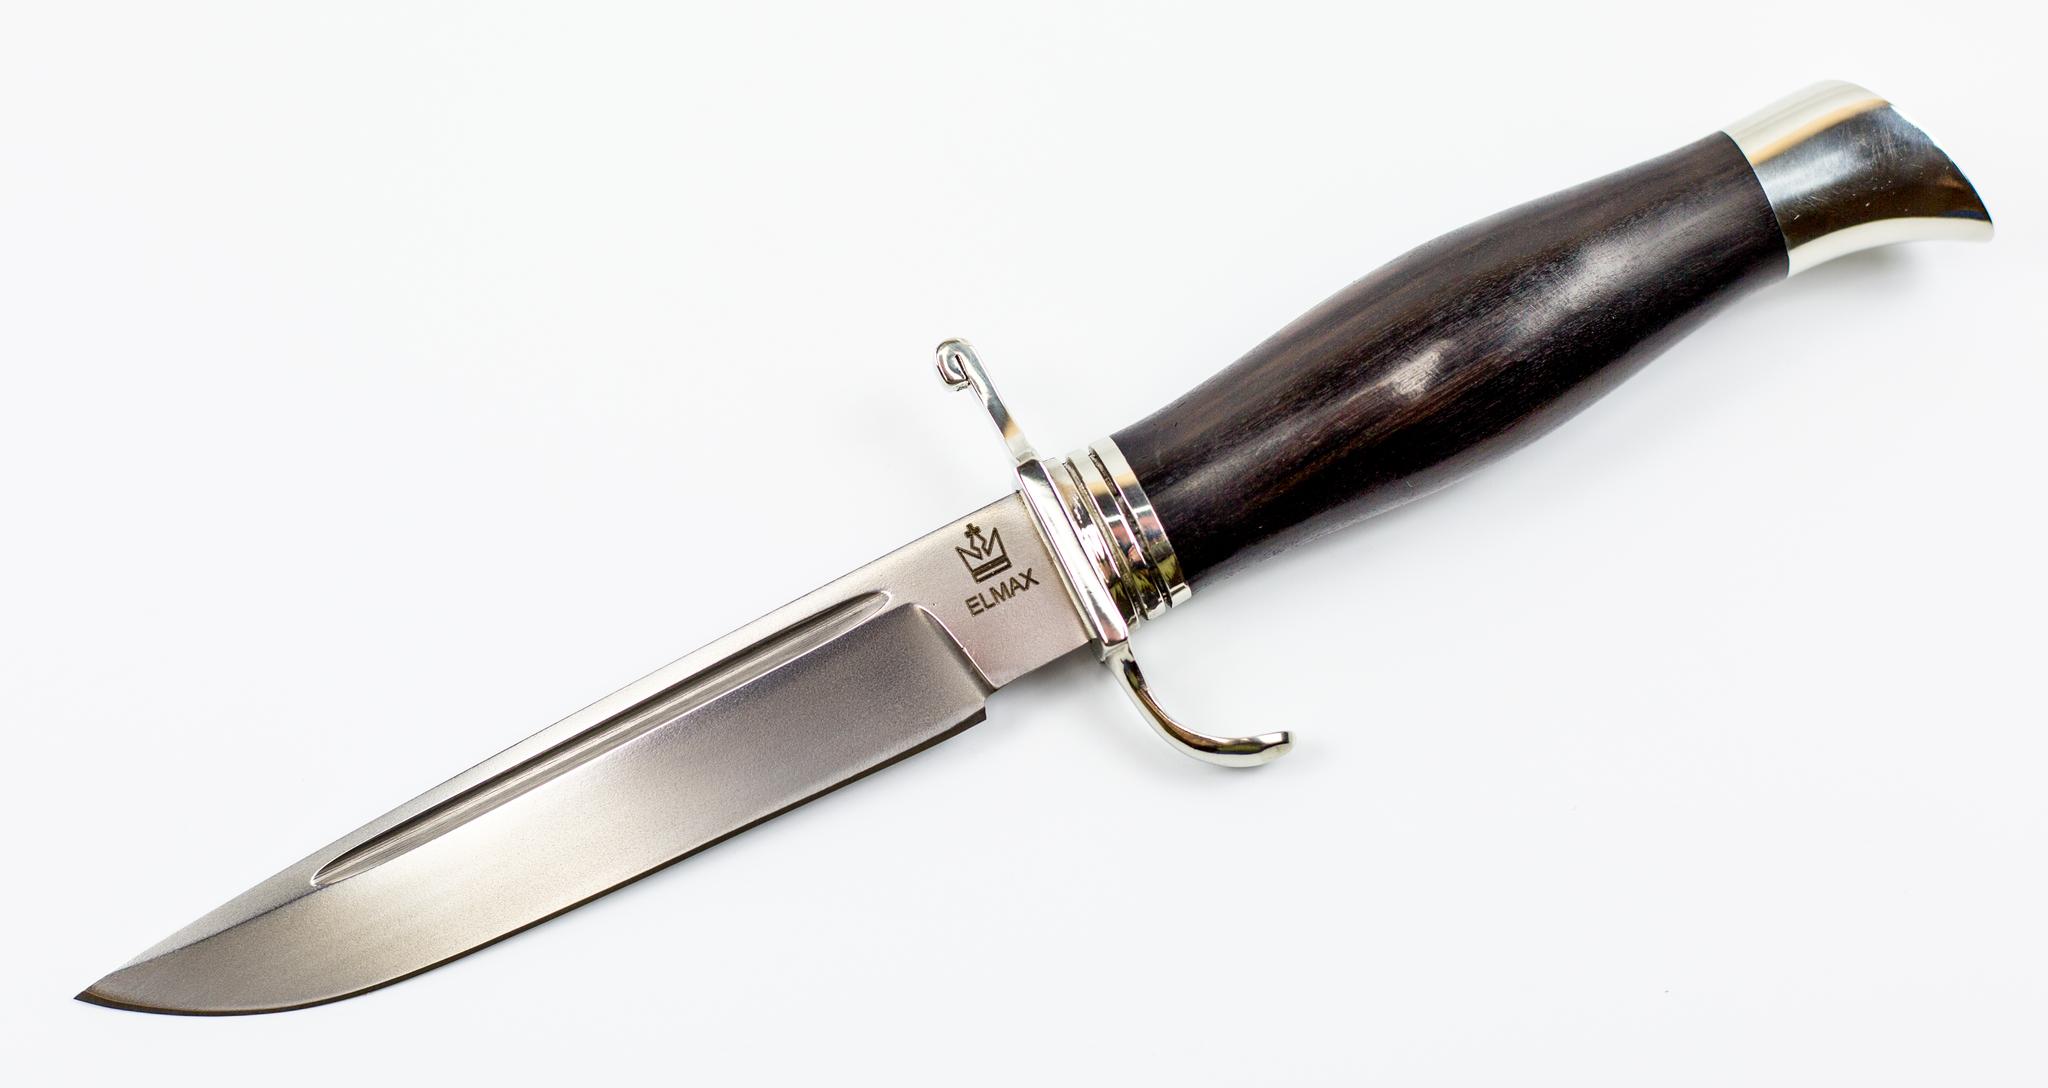 Нож Финка НКВД, сталь ELMAX, граб, мельхиор от Мастерская Князева